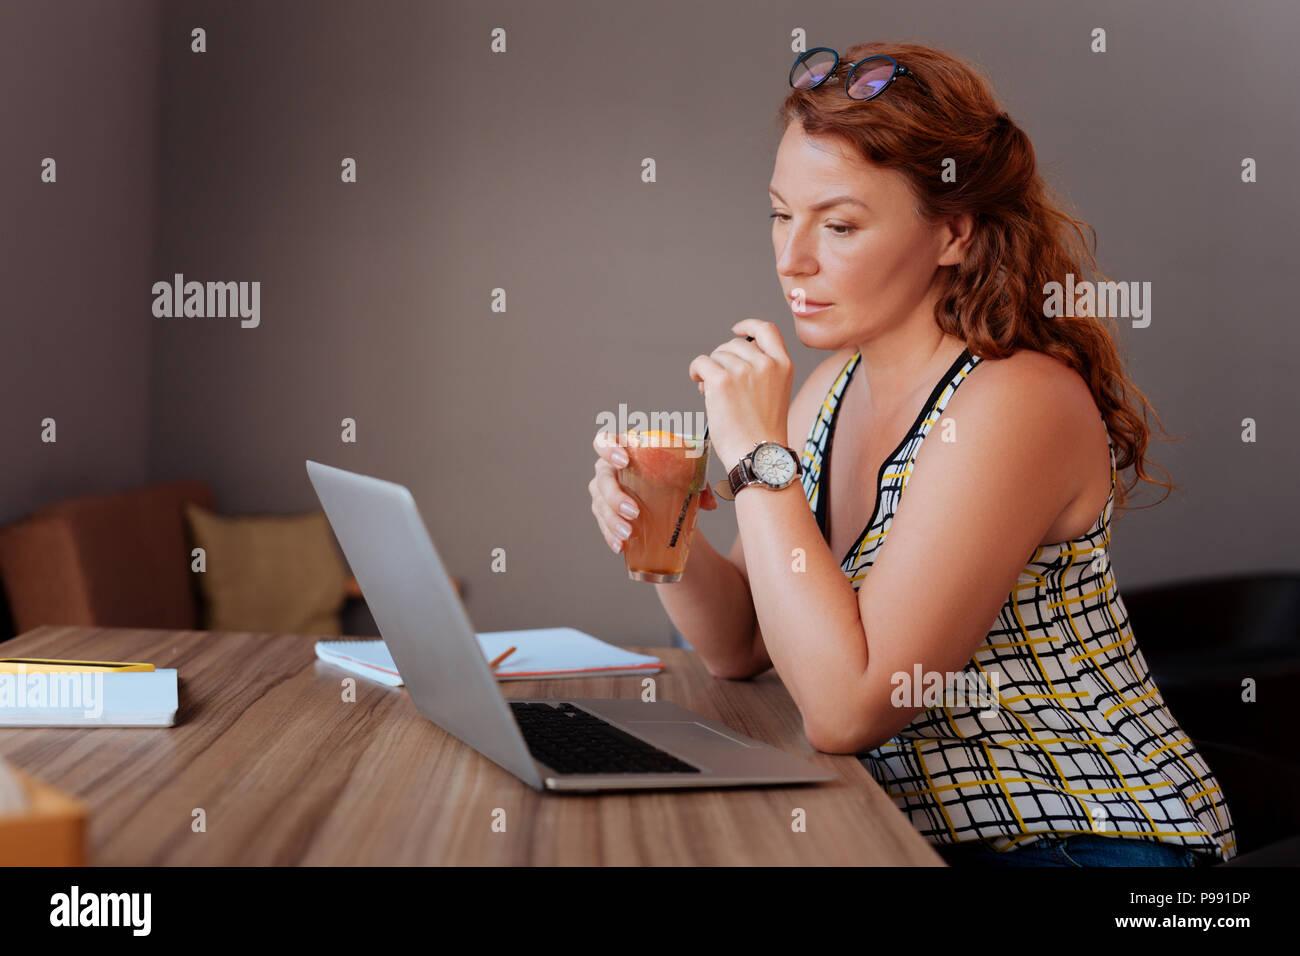 Freelance writer feeling thoughtful creating new idea - Stock Image